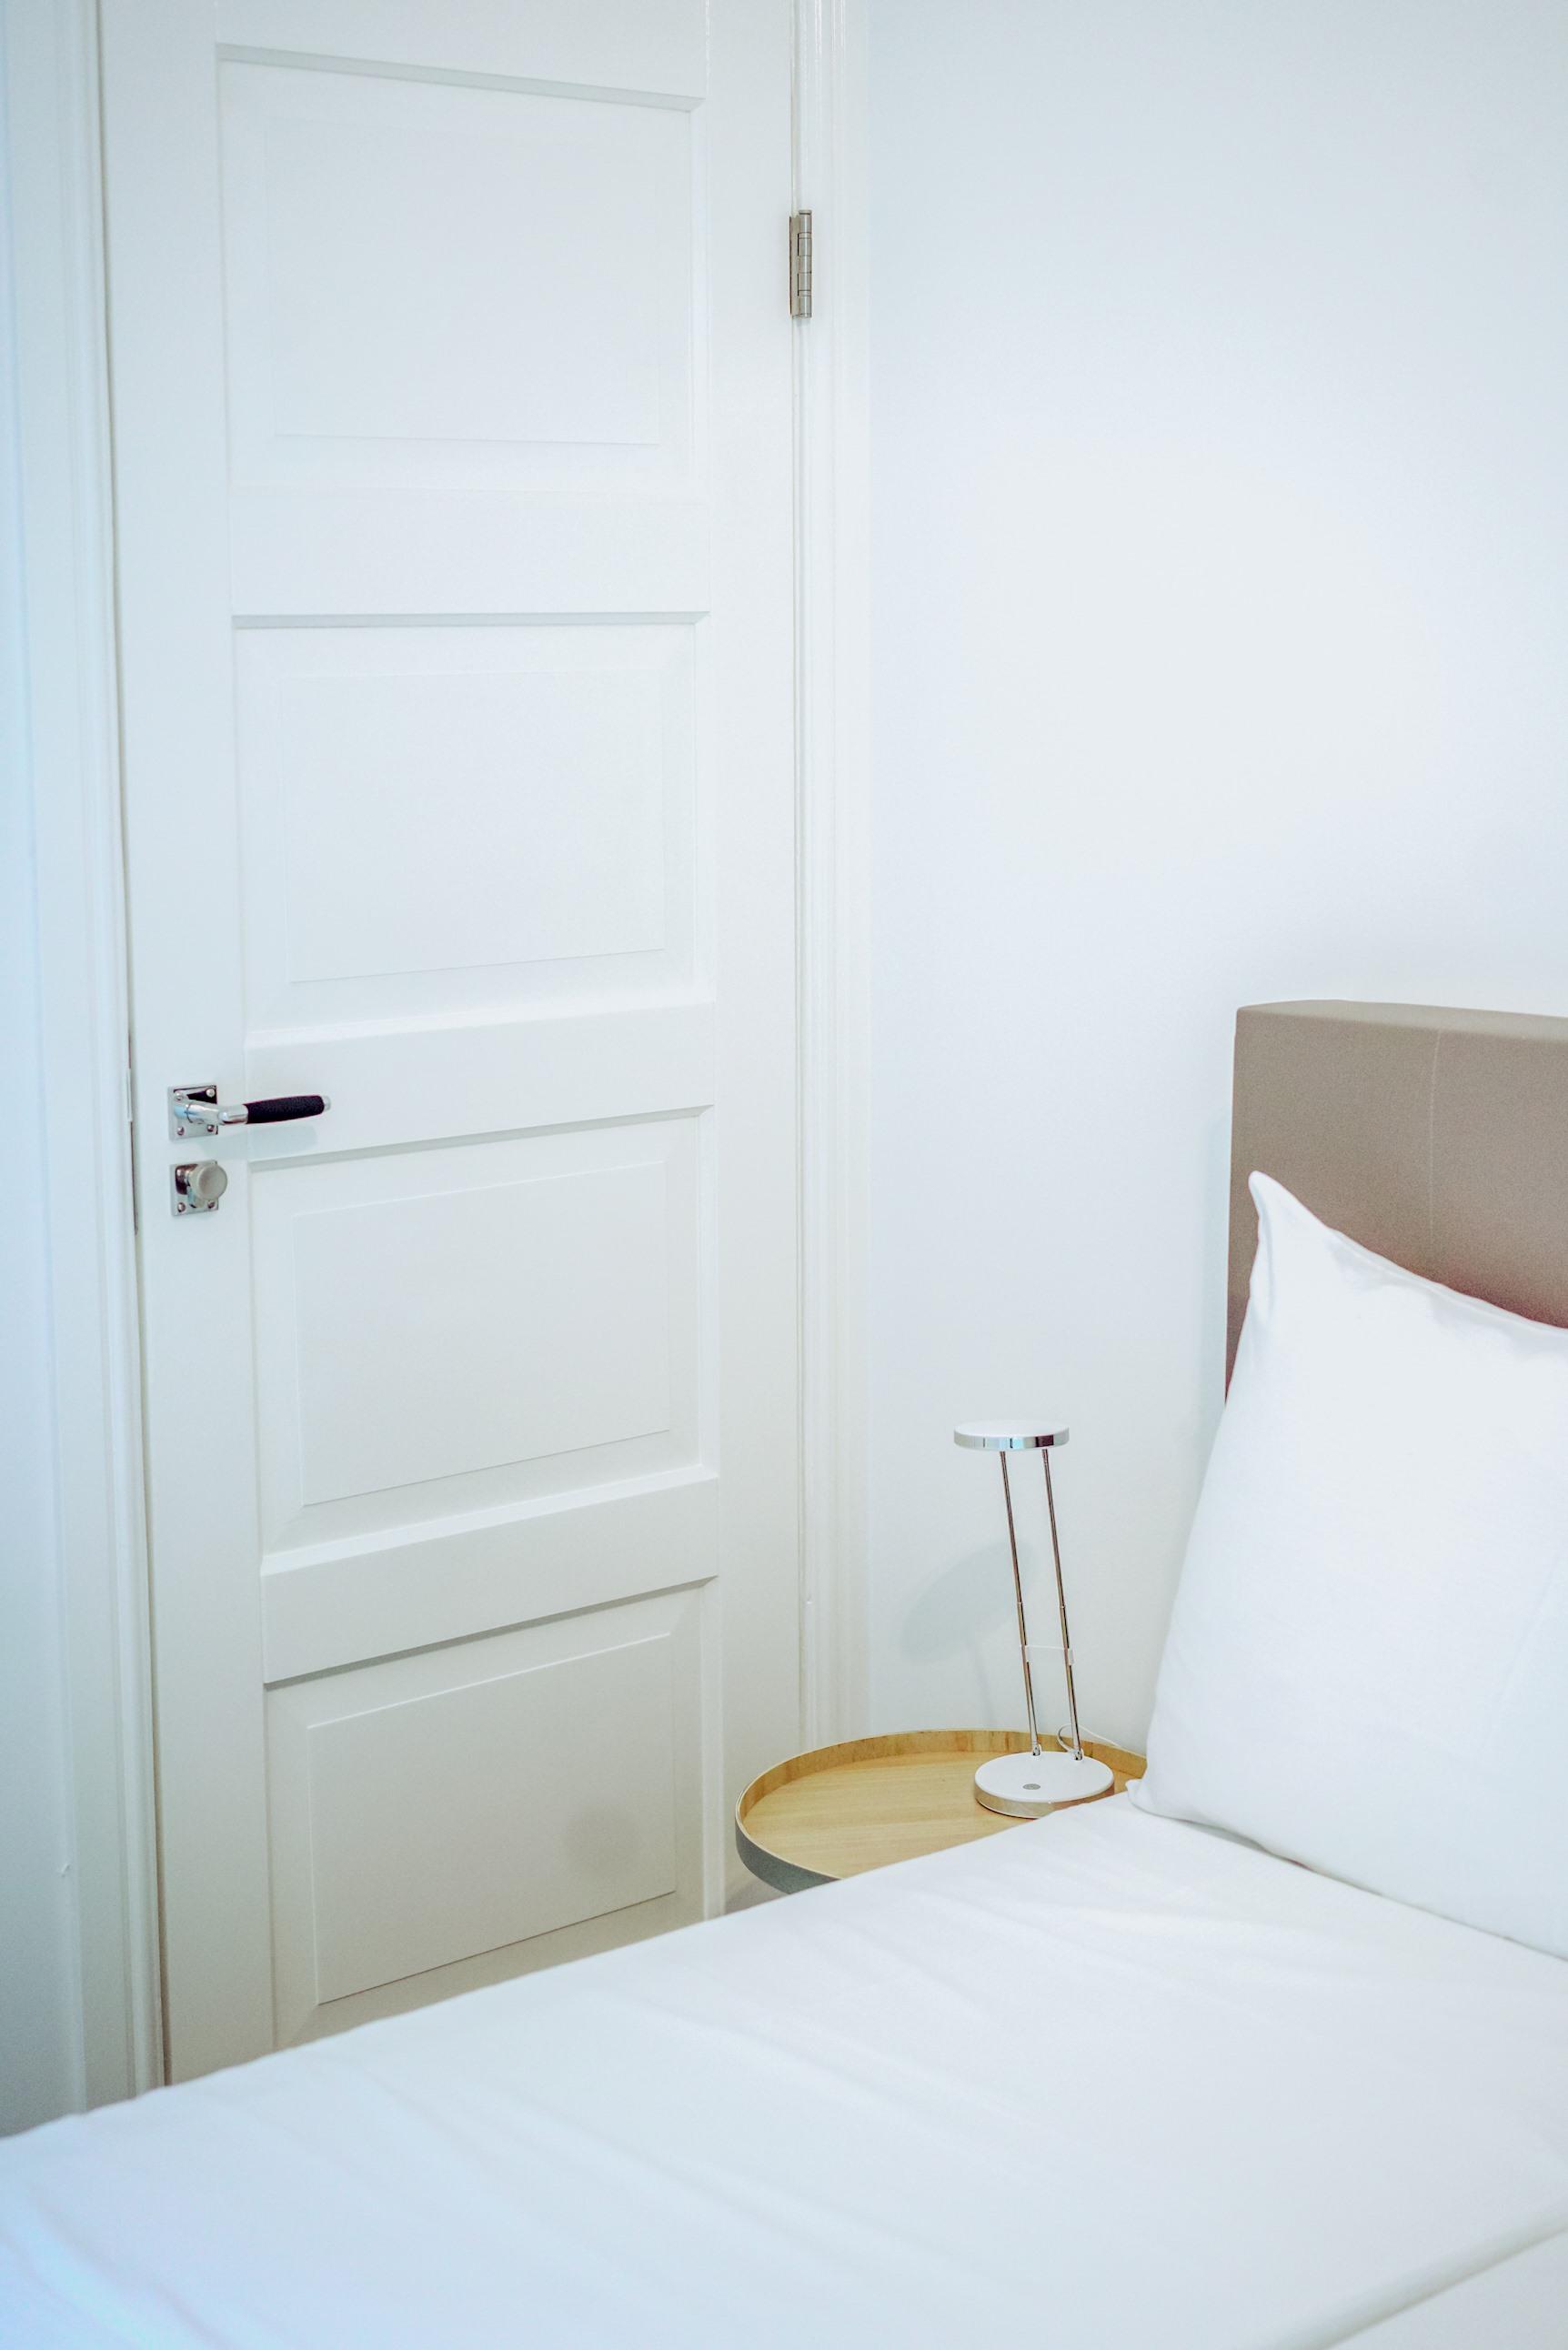 Apartment Amsterdam Apartments Leidsesquare First Floor Duplex photo 16871096